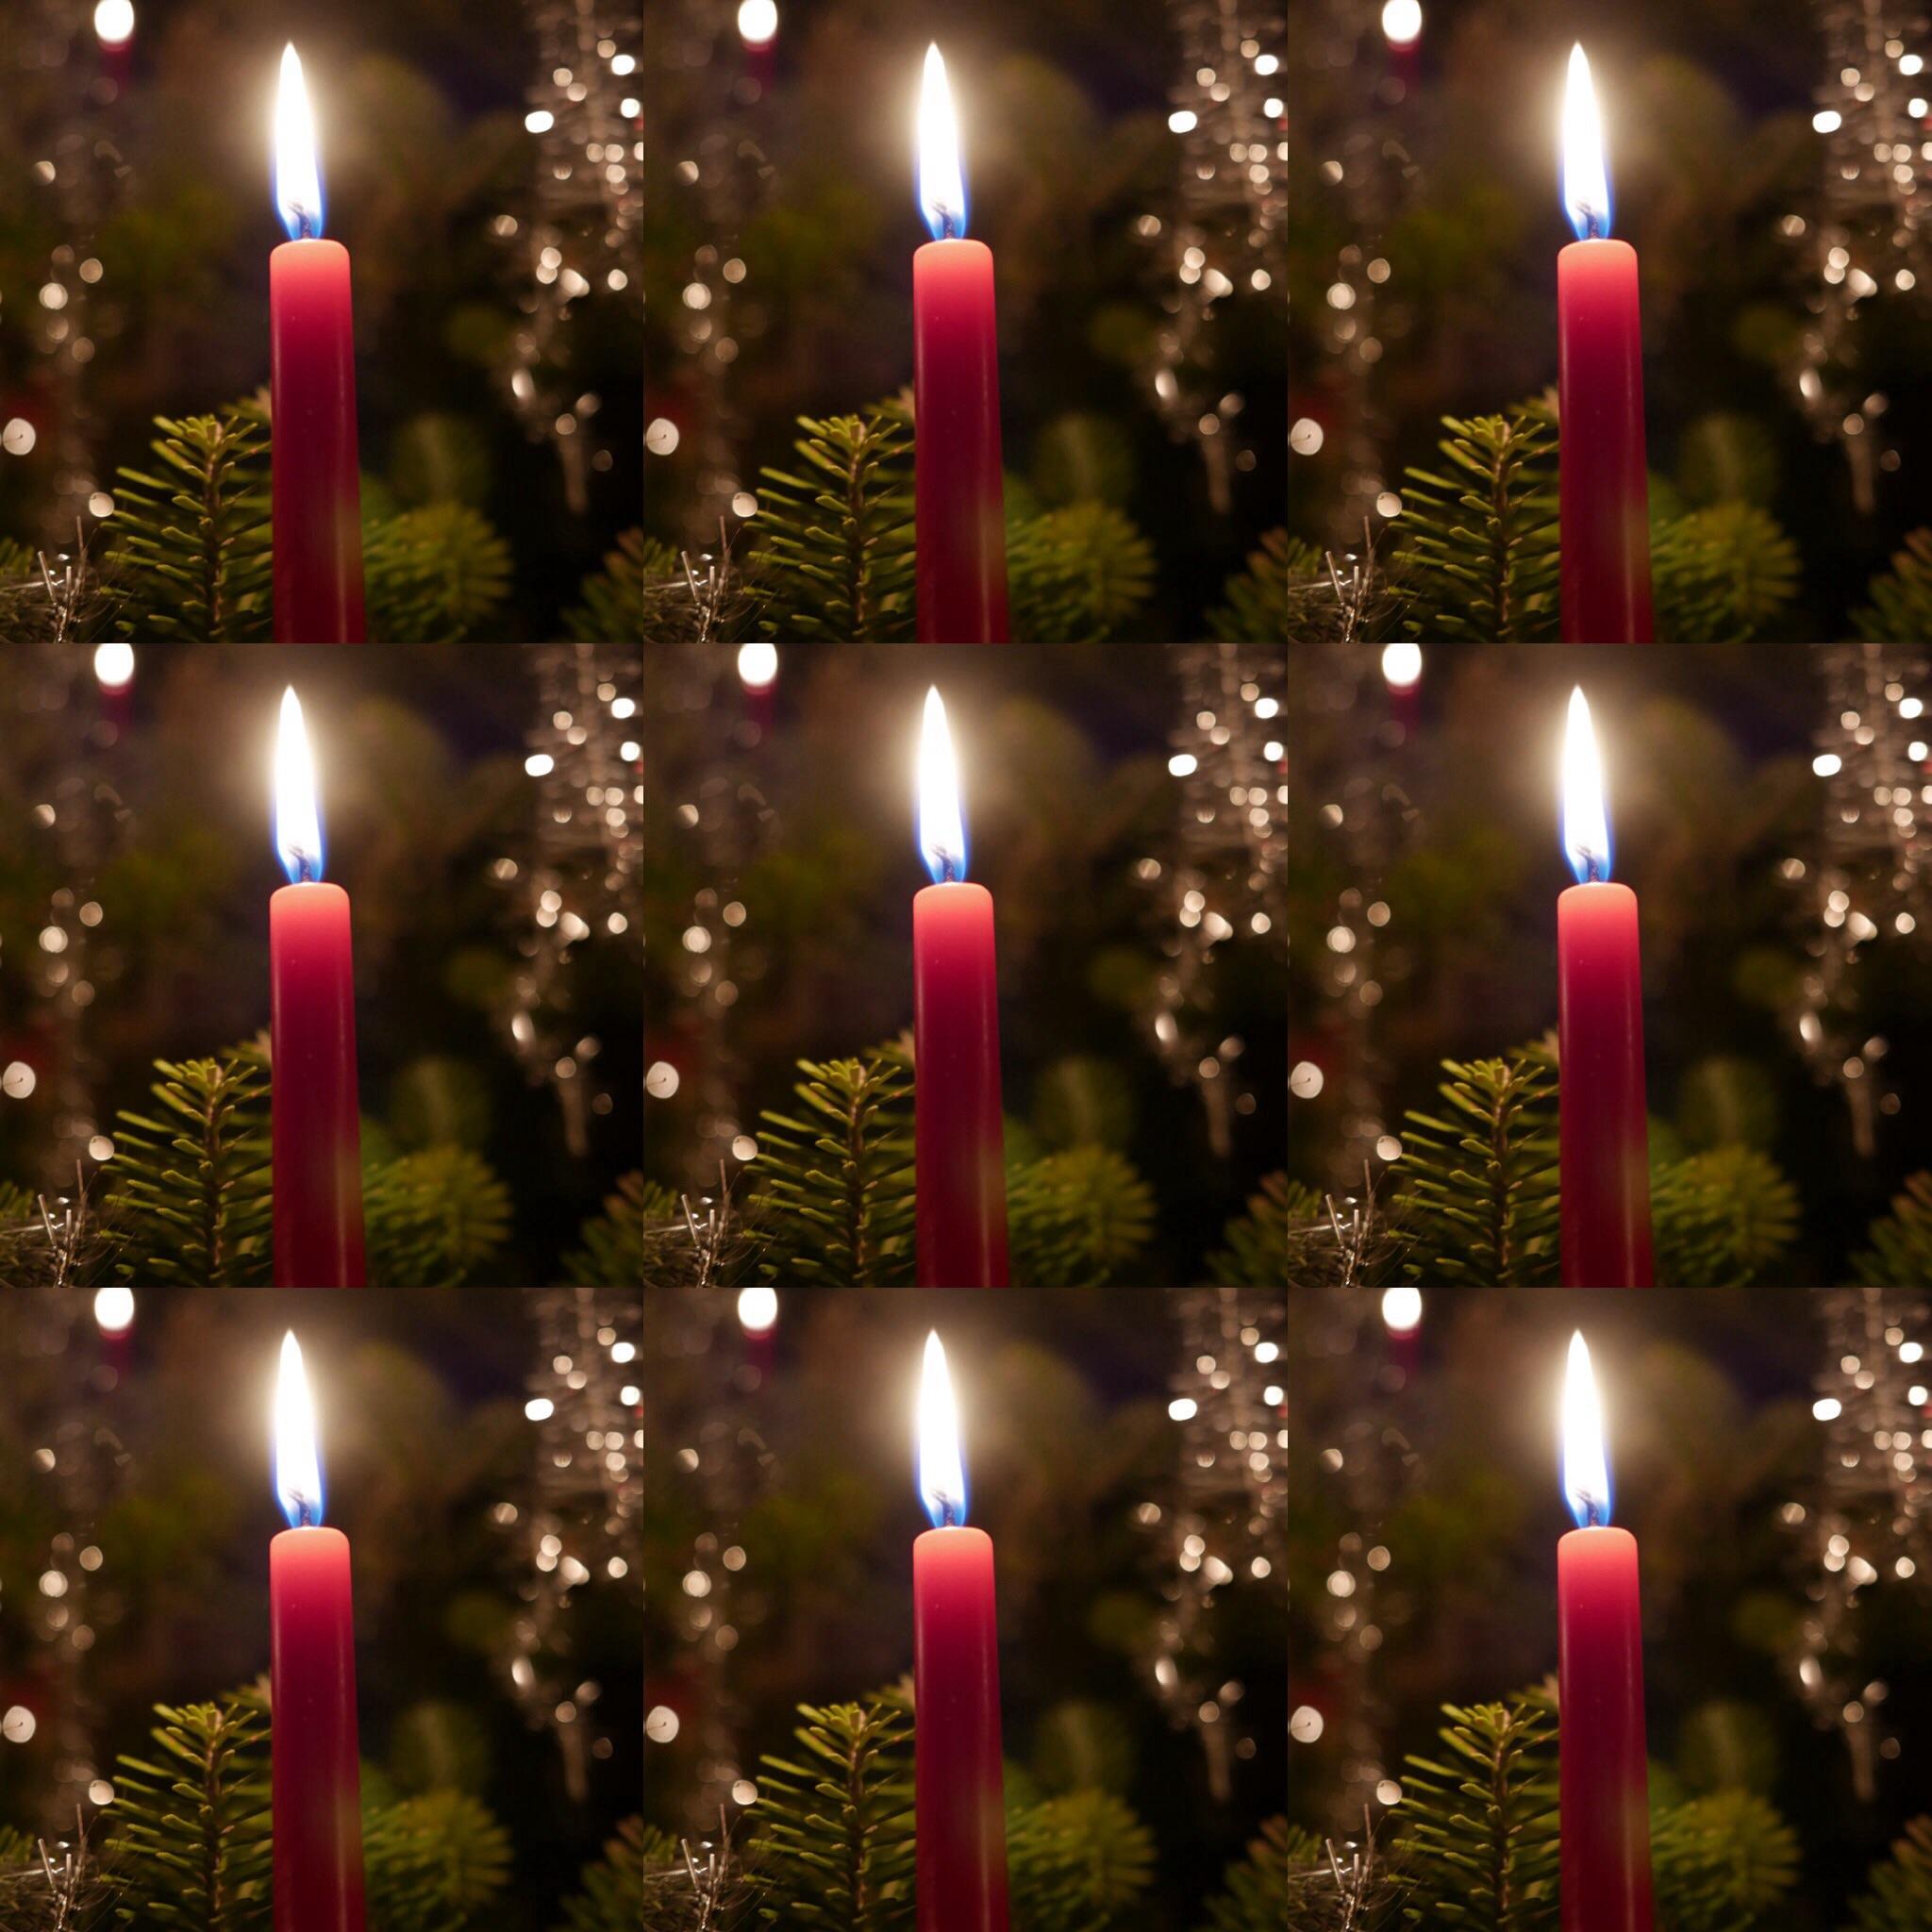 öffnungszeiten 1. Weihnachtstag